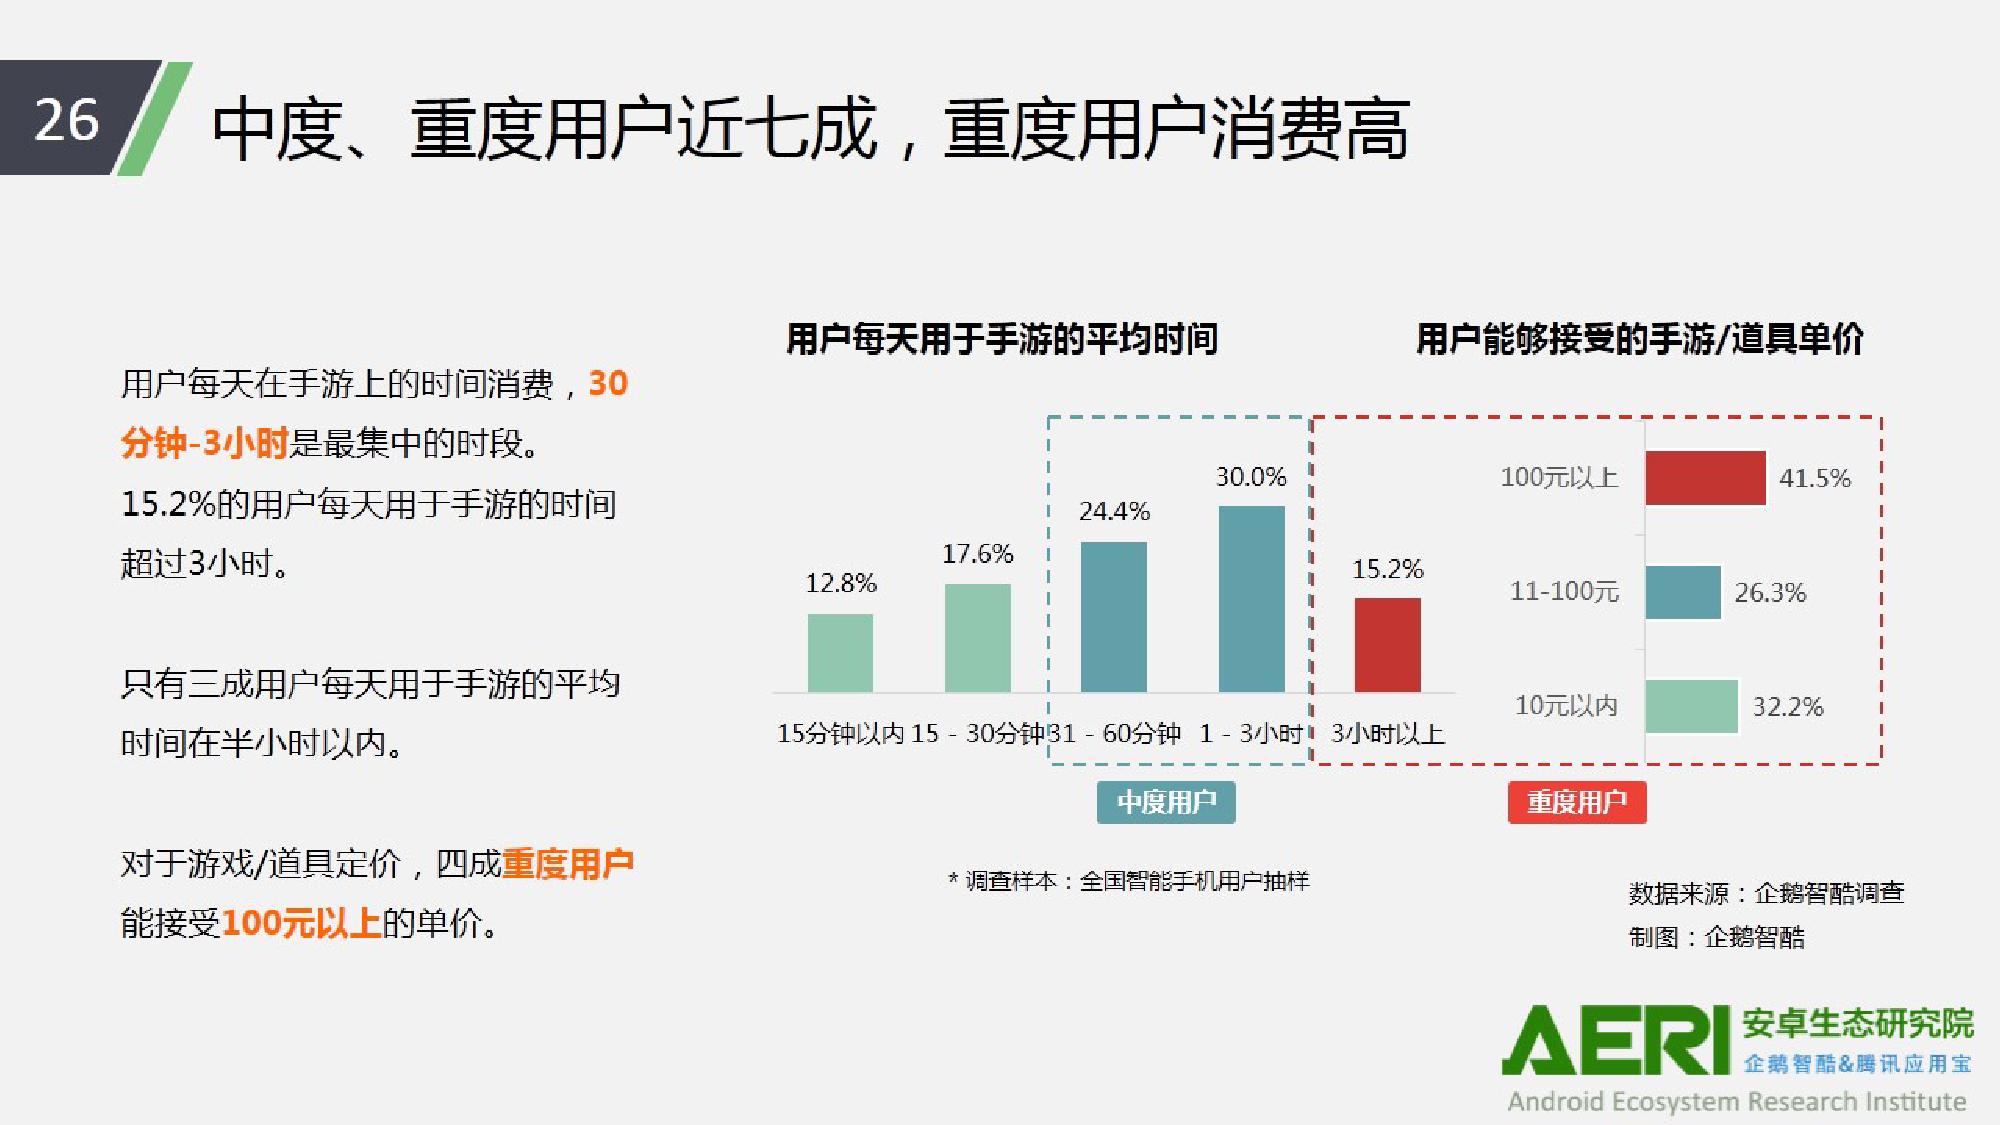 中国手游行业2016大数据报告_000027